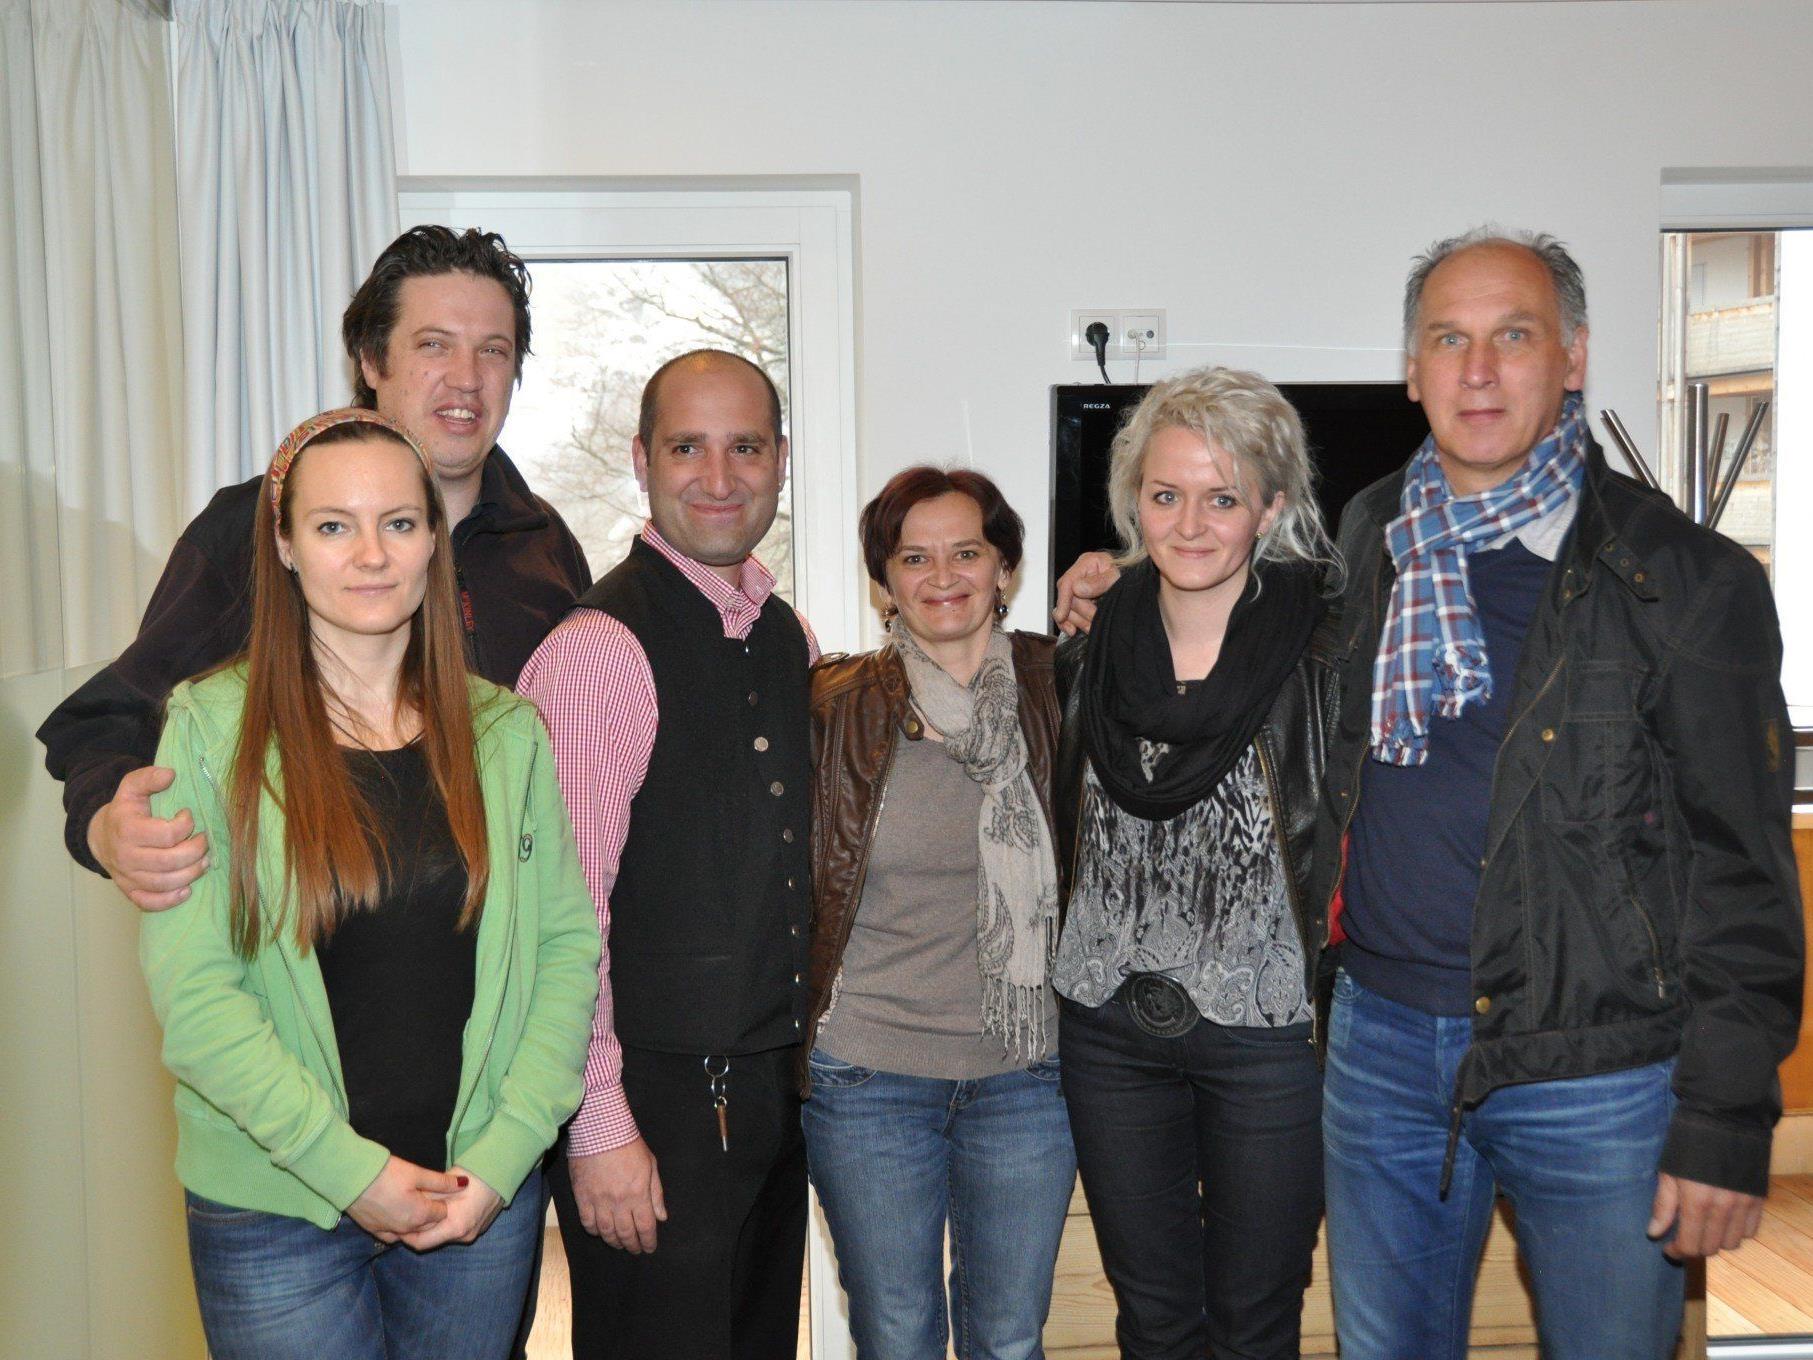 Margo und Mario Greber vom Hotel Lün mit Guiseppe, Stenka, Katy und Edi vom Hotel Valavier (v.l.).